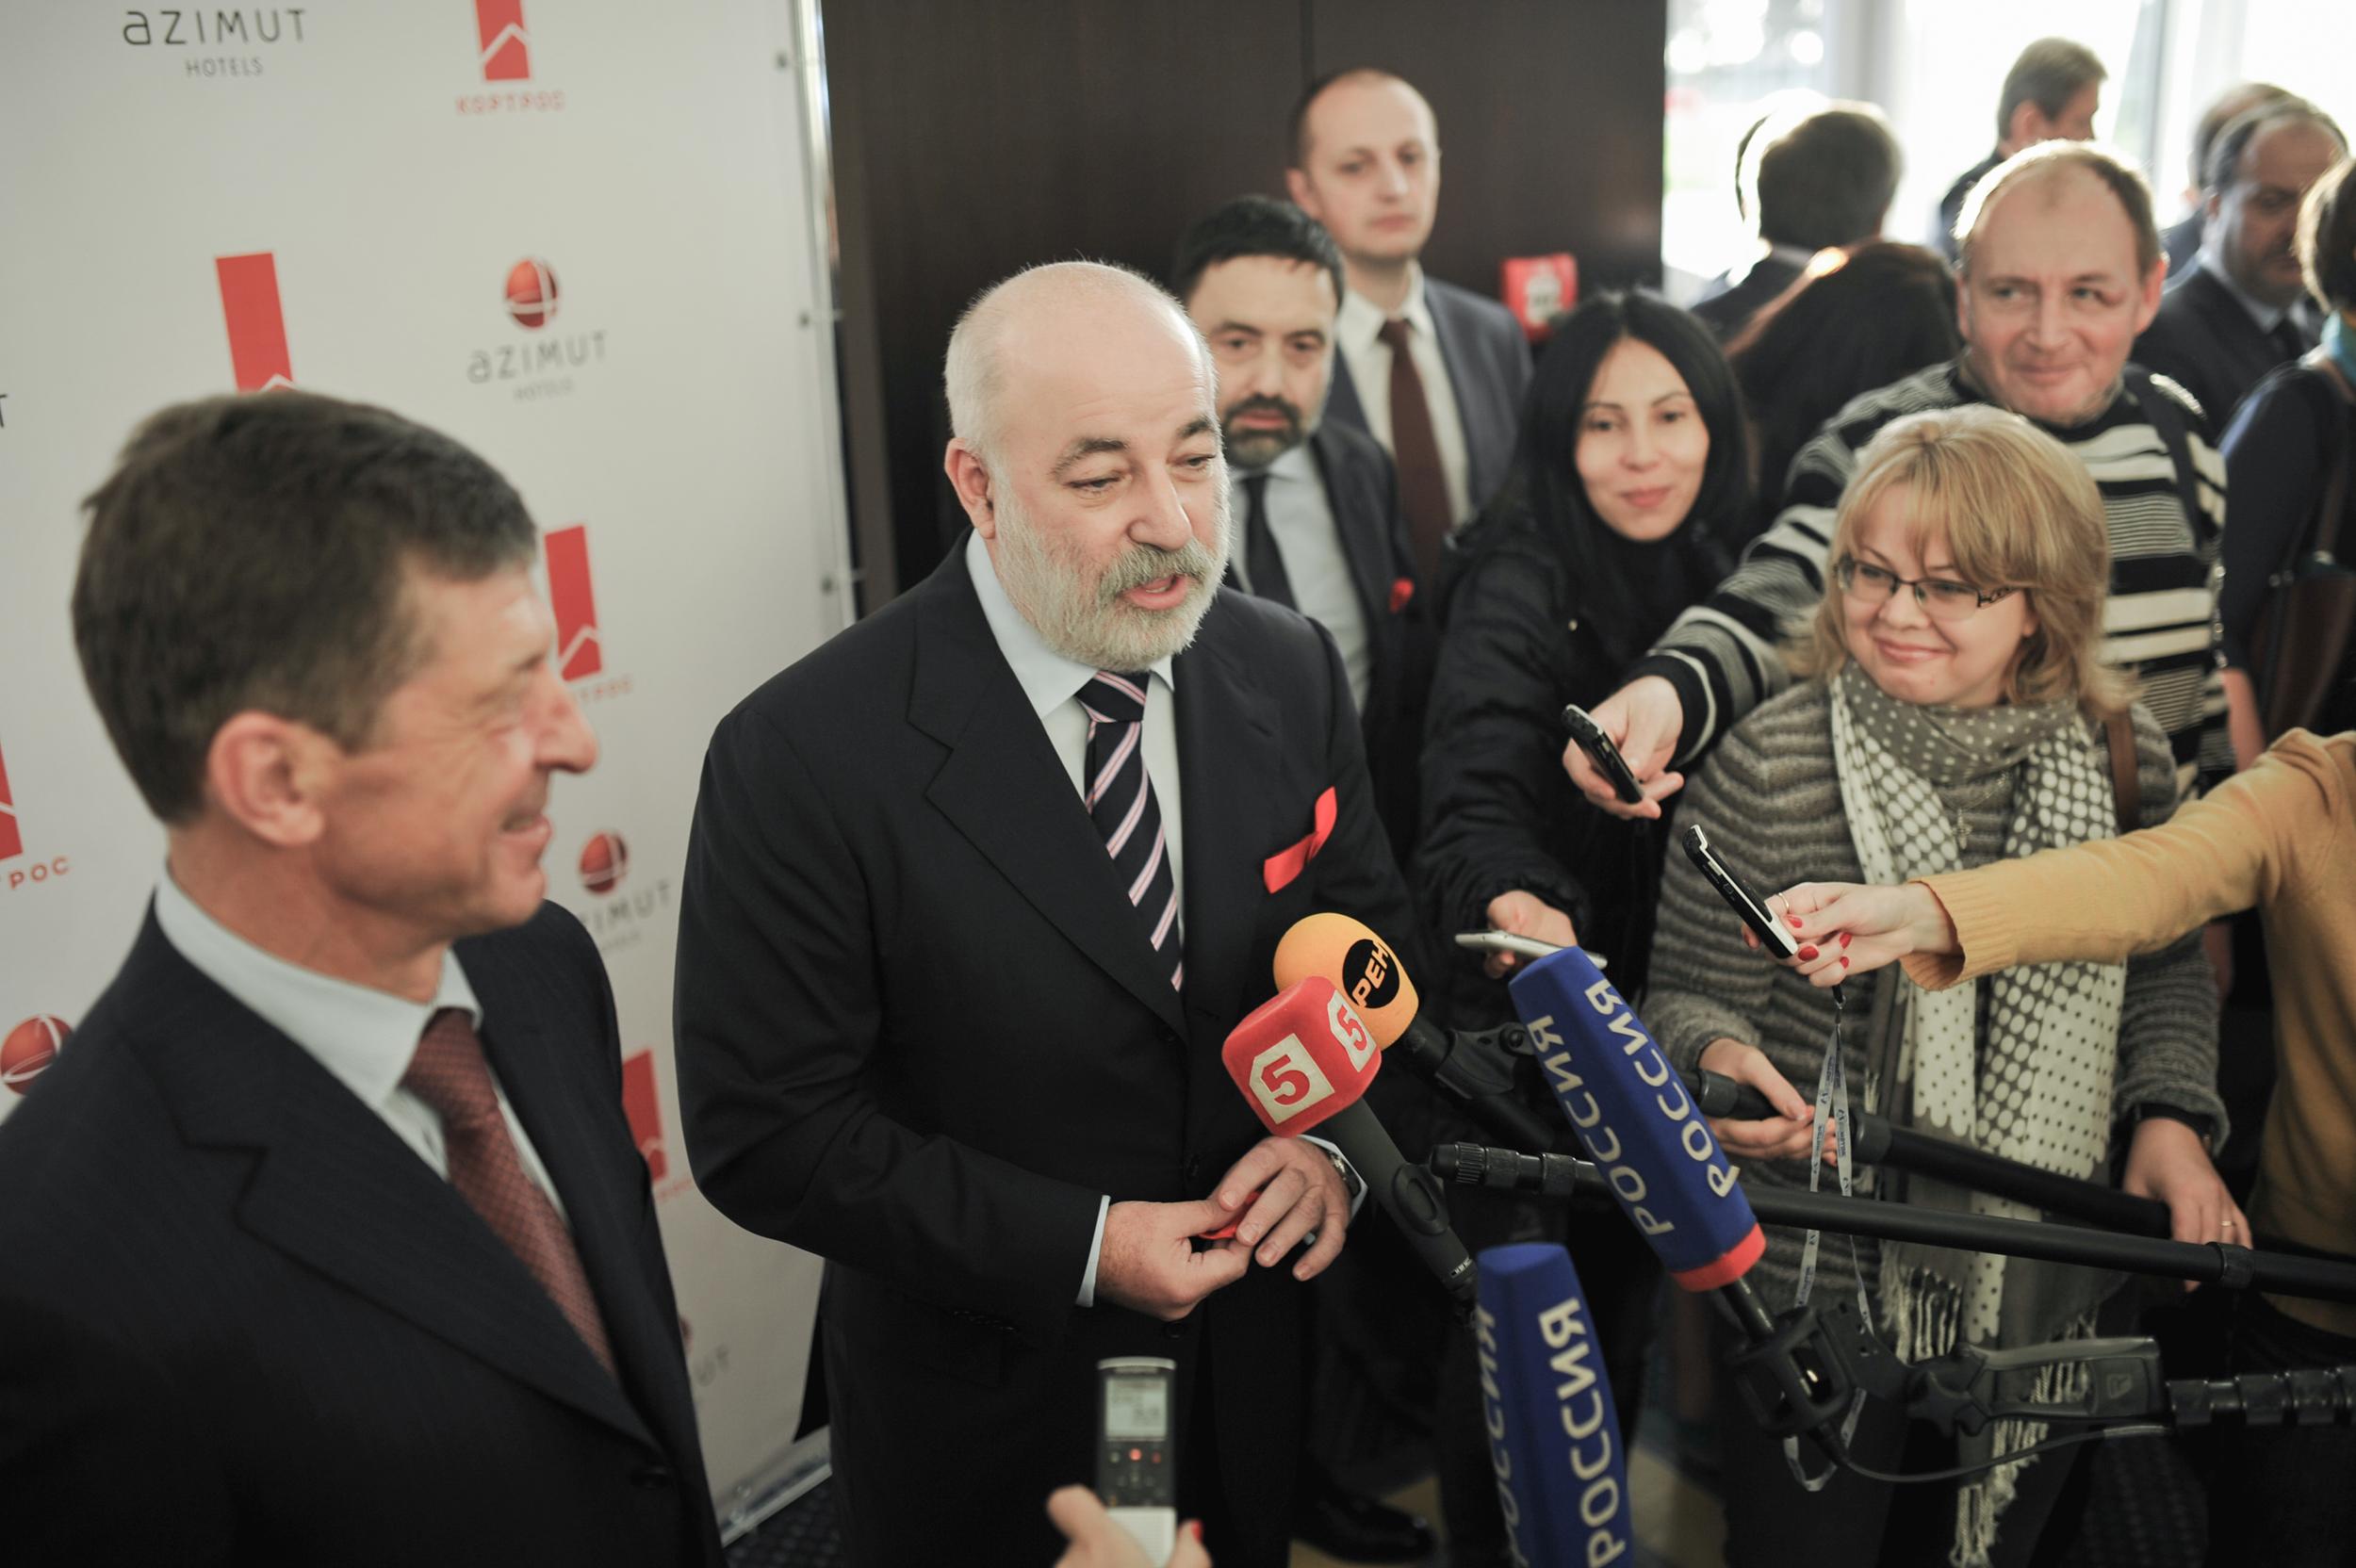 Виктор Вексельберг - 2, Председатель Совета директоров Группы компаний Ренова